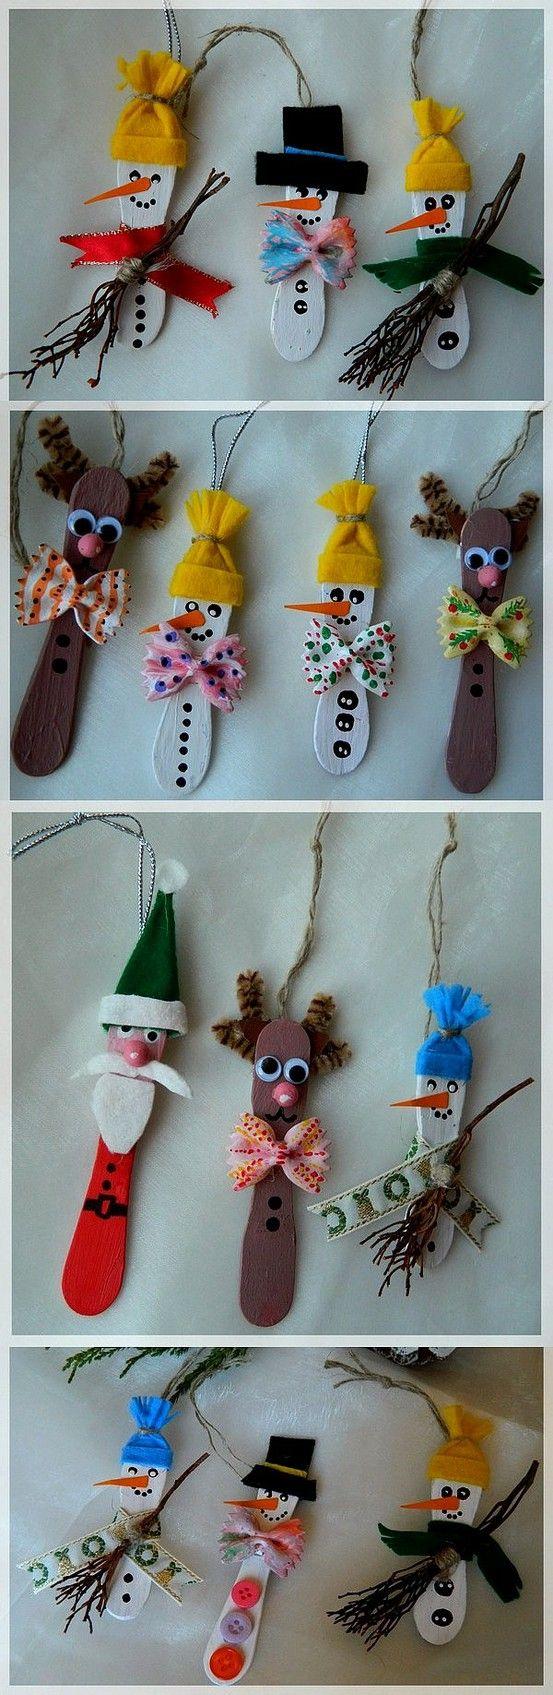 Una simple y nice idea para decorar tu casita en navidad :)